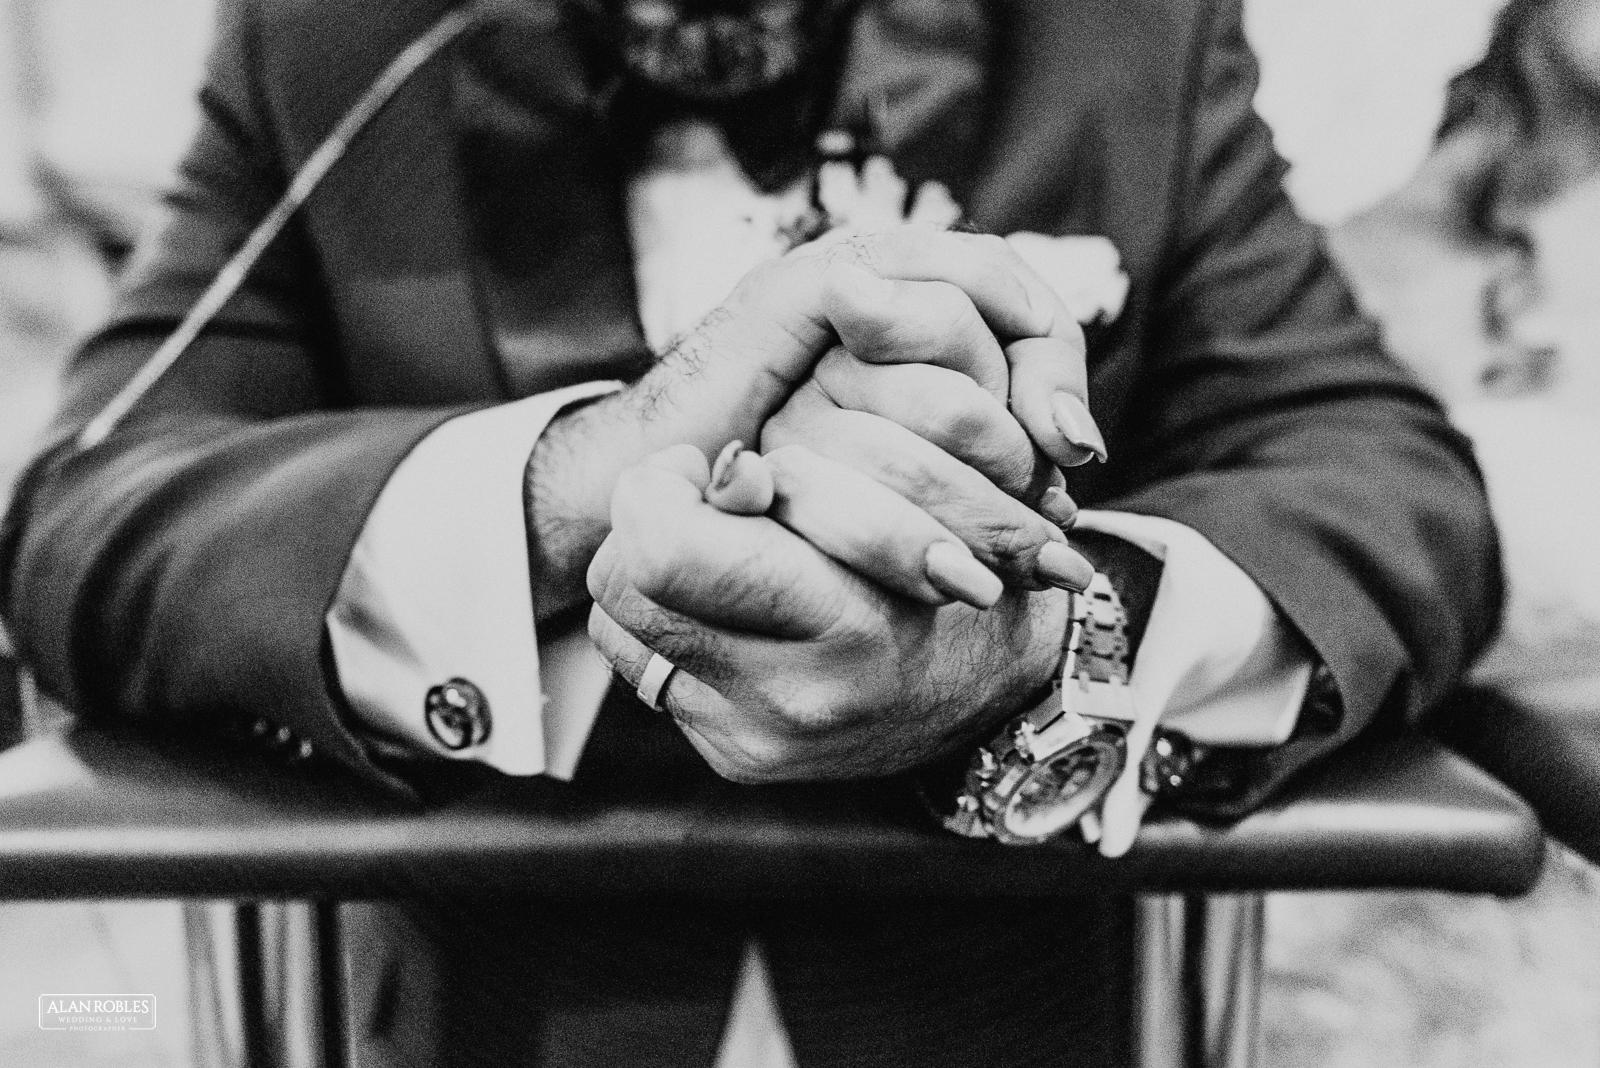 Fotografo de Bodas en Guadalara Alan Robles - Boda en Tlaquepaque Tomados de la mano